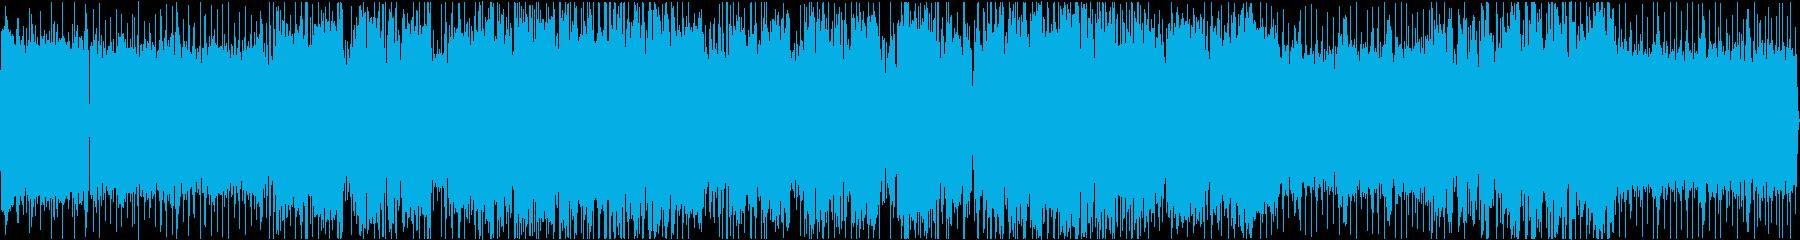 アップテンポなアニソンOP向けロックの再生済みの波形